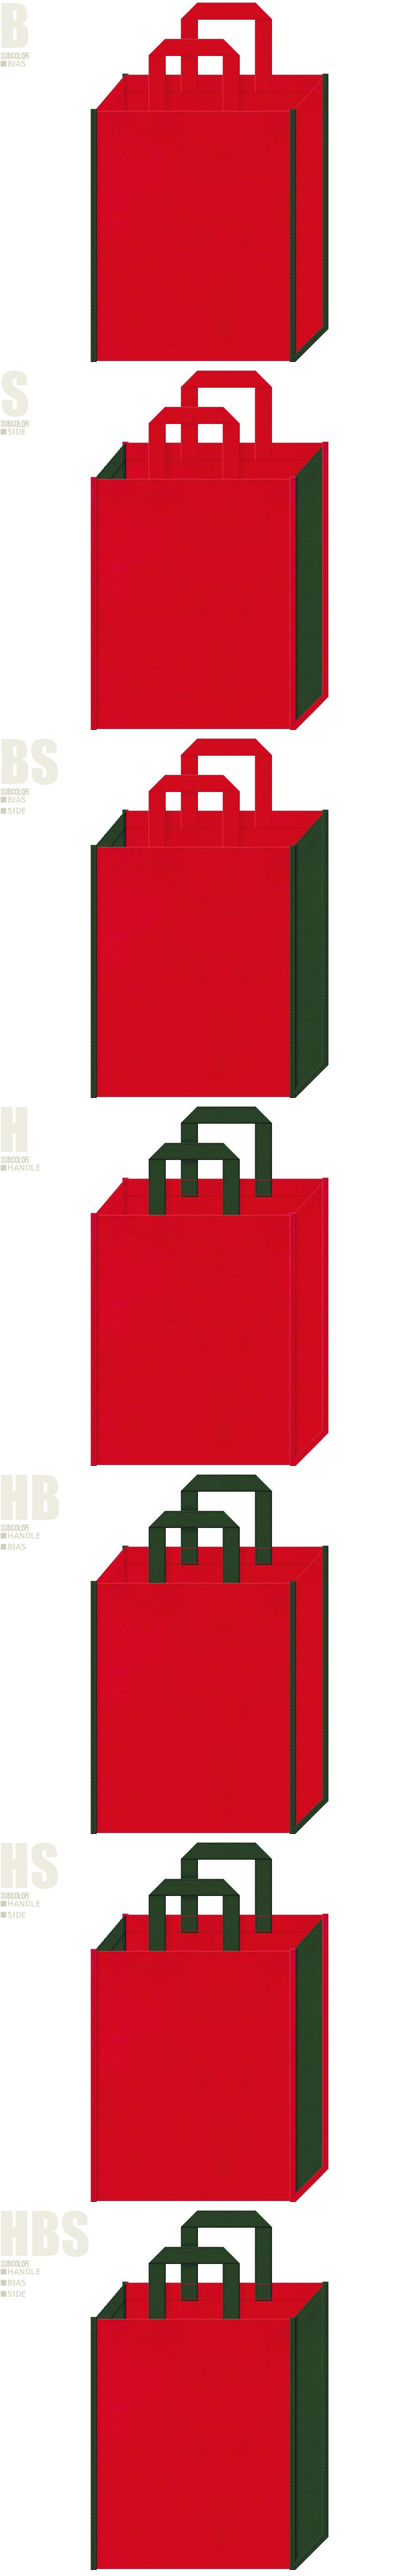 不織布トートバッグのデザイン:クリスマス商品にお奨めの配色です。